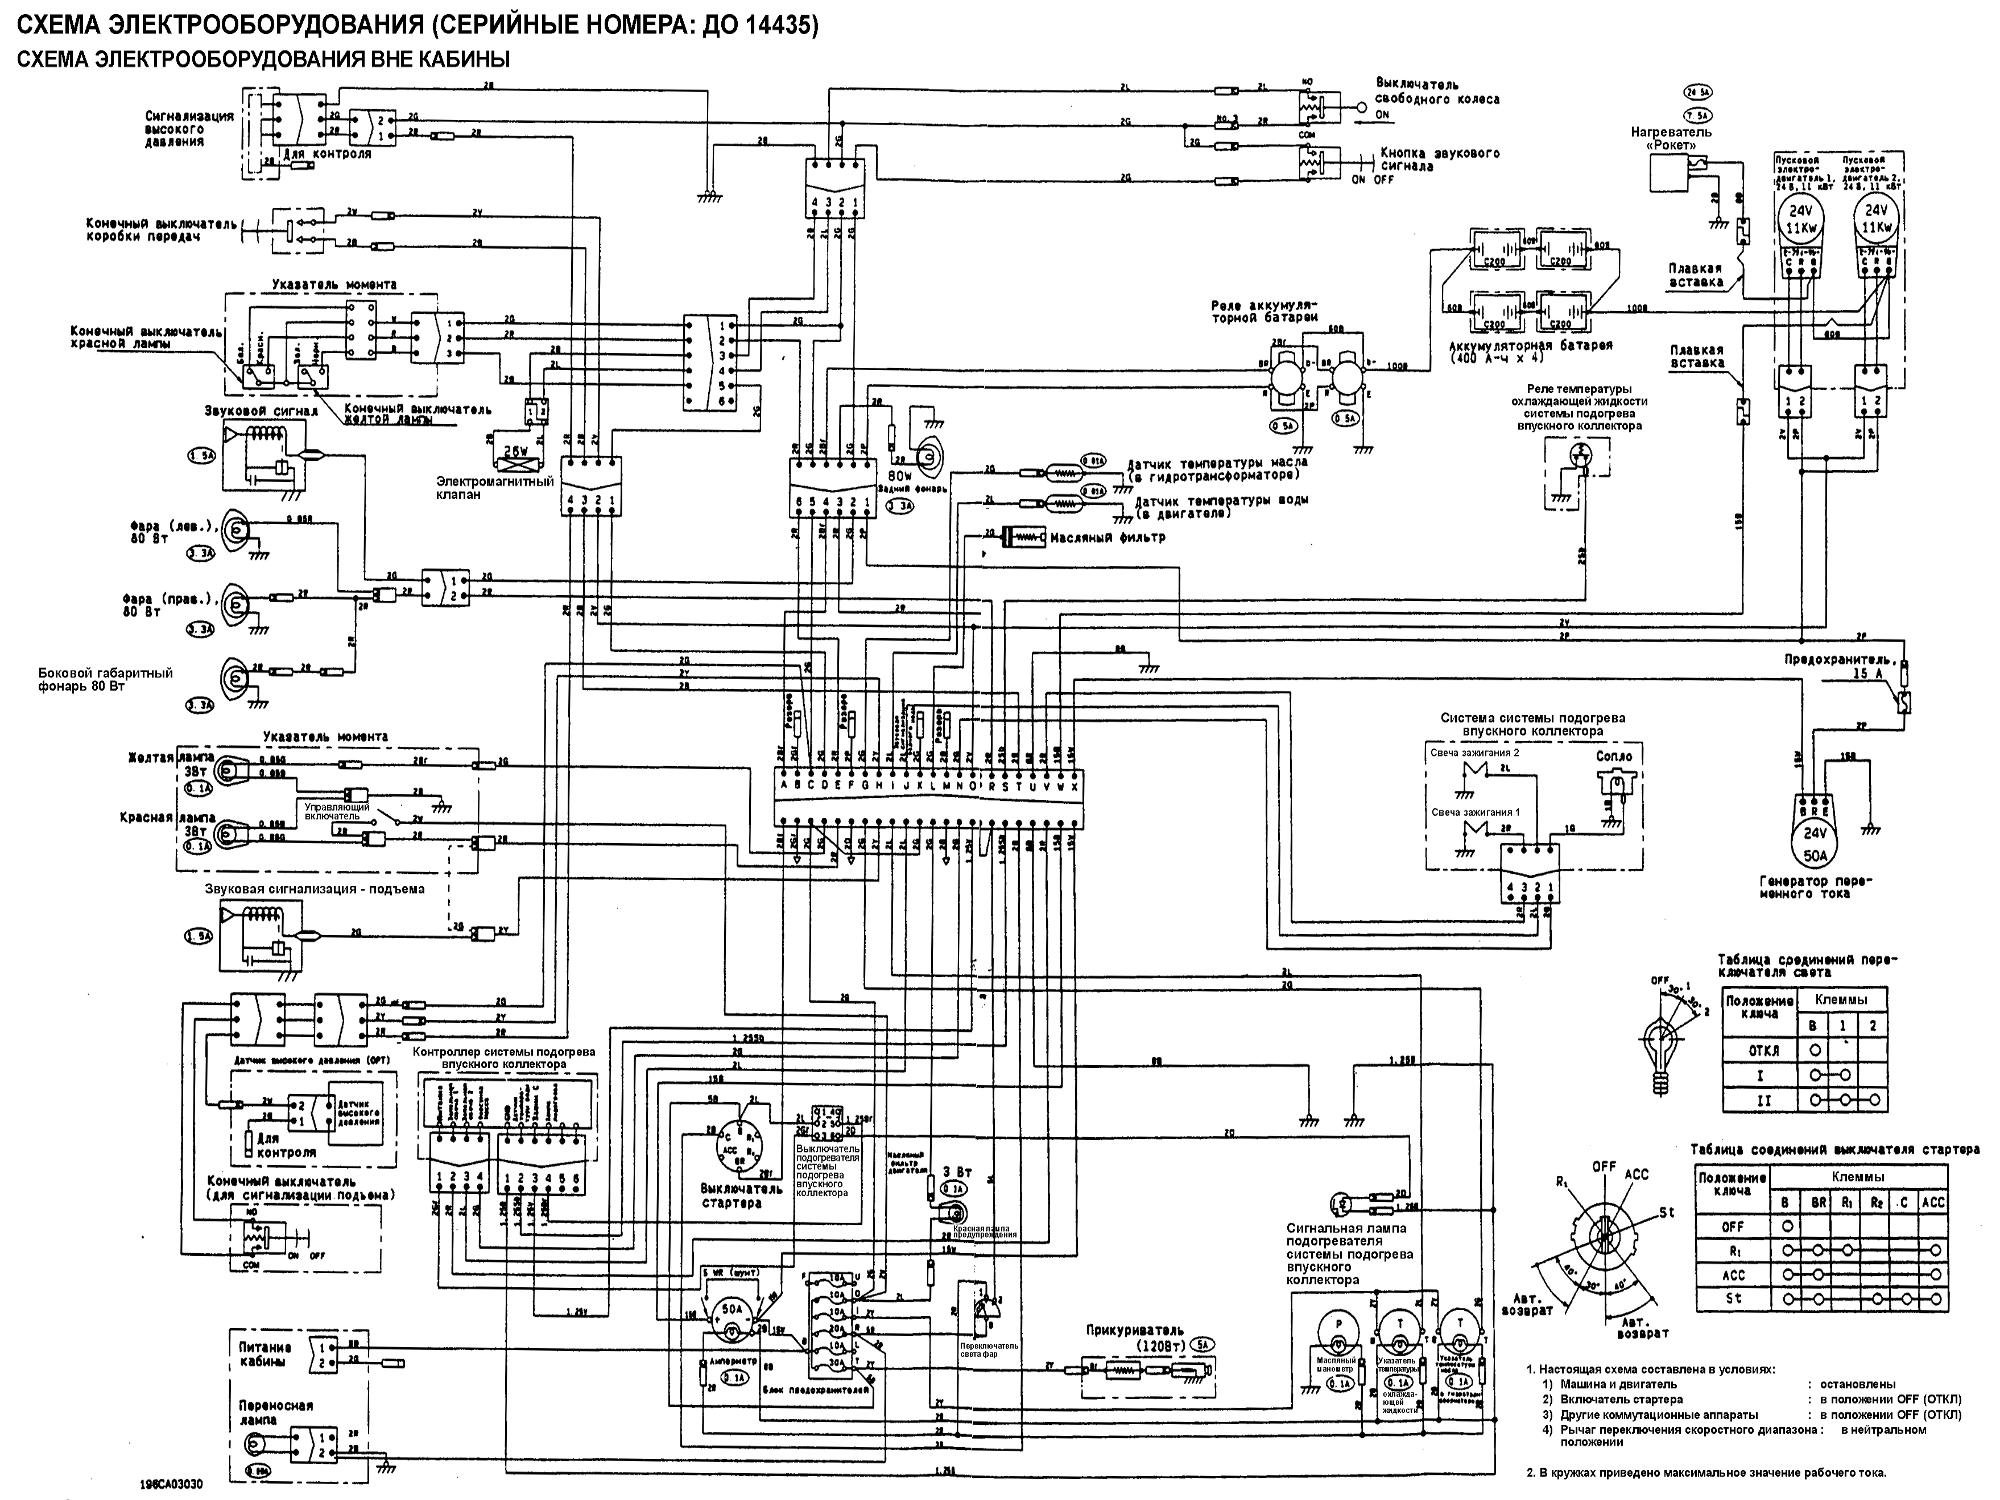 схема электрооборудования кобра кроссфаер